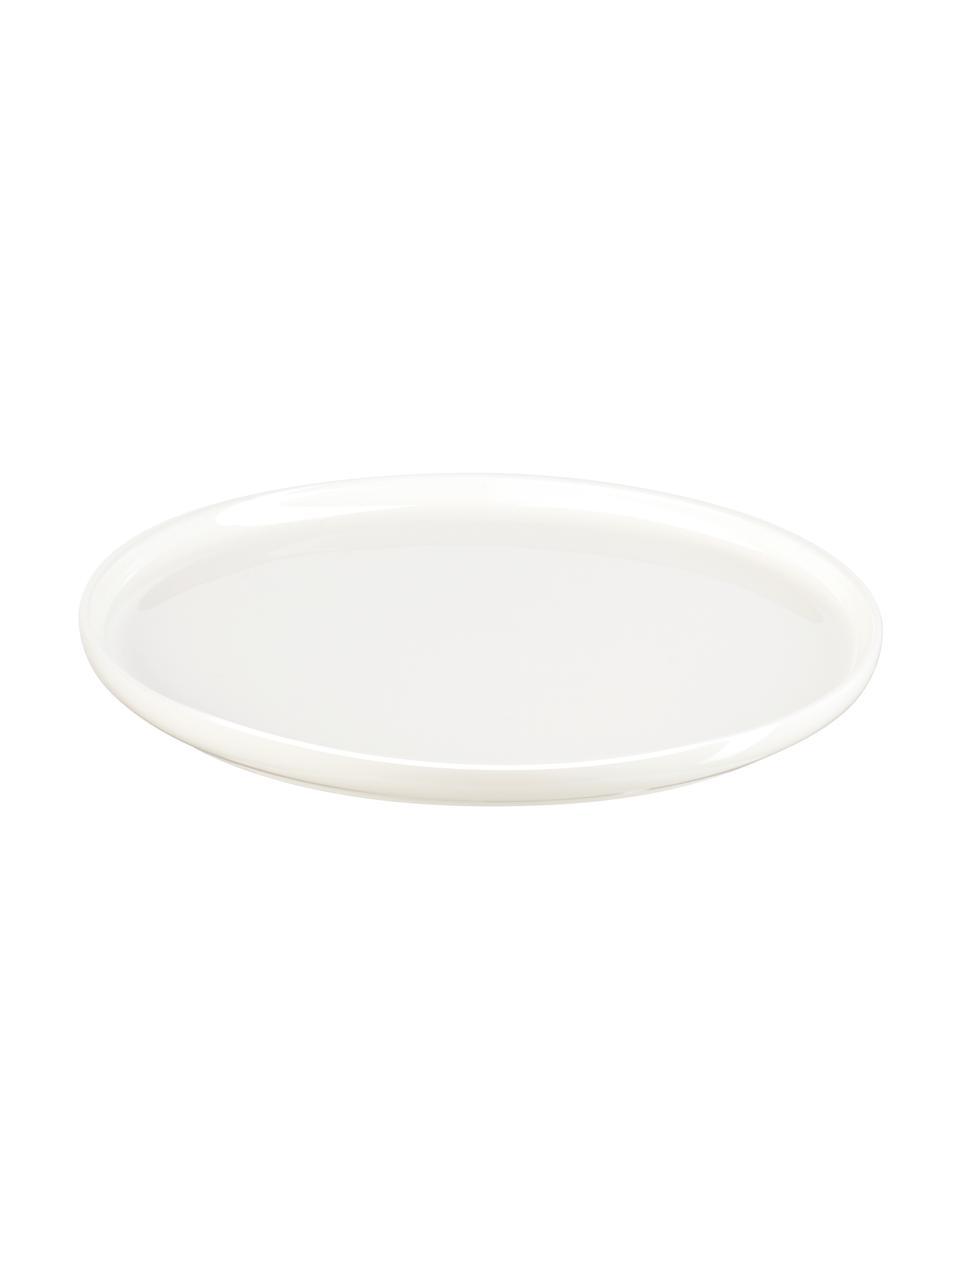 Piatto per pane Fine Bone China Oco 6 pz, Fine Bone China (porcellana) La Fine Bone China è una porcellana a pasta morbida particolarmente caratterizzata dalla sua lucentezza radiosa e traslucida, Avorio, Ø 15 cm